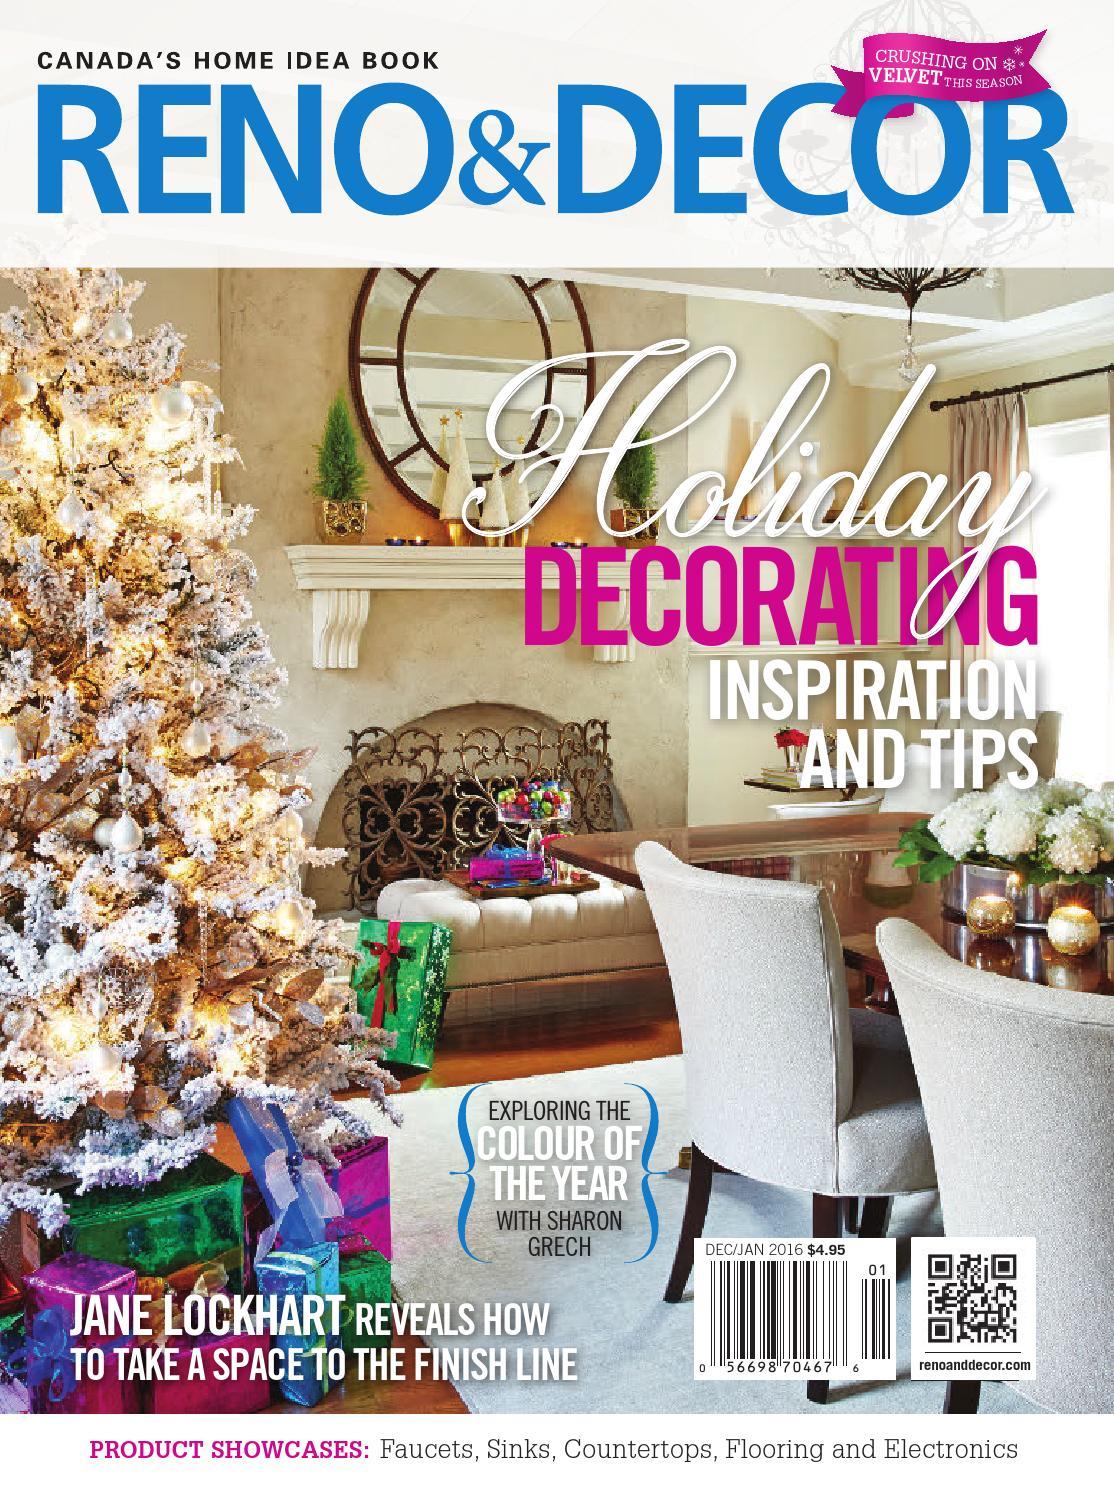 Home Decorating Magazines Reno & Decor Magazine  Aprmay 2017Homes Publishing Group  Issuu